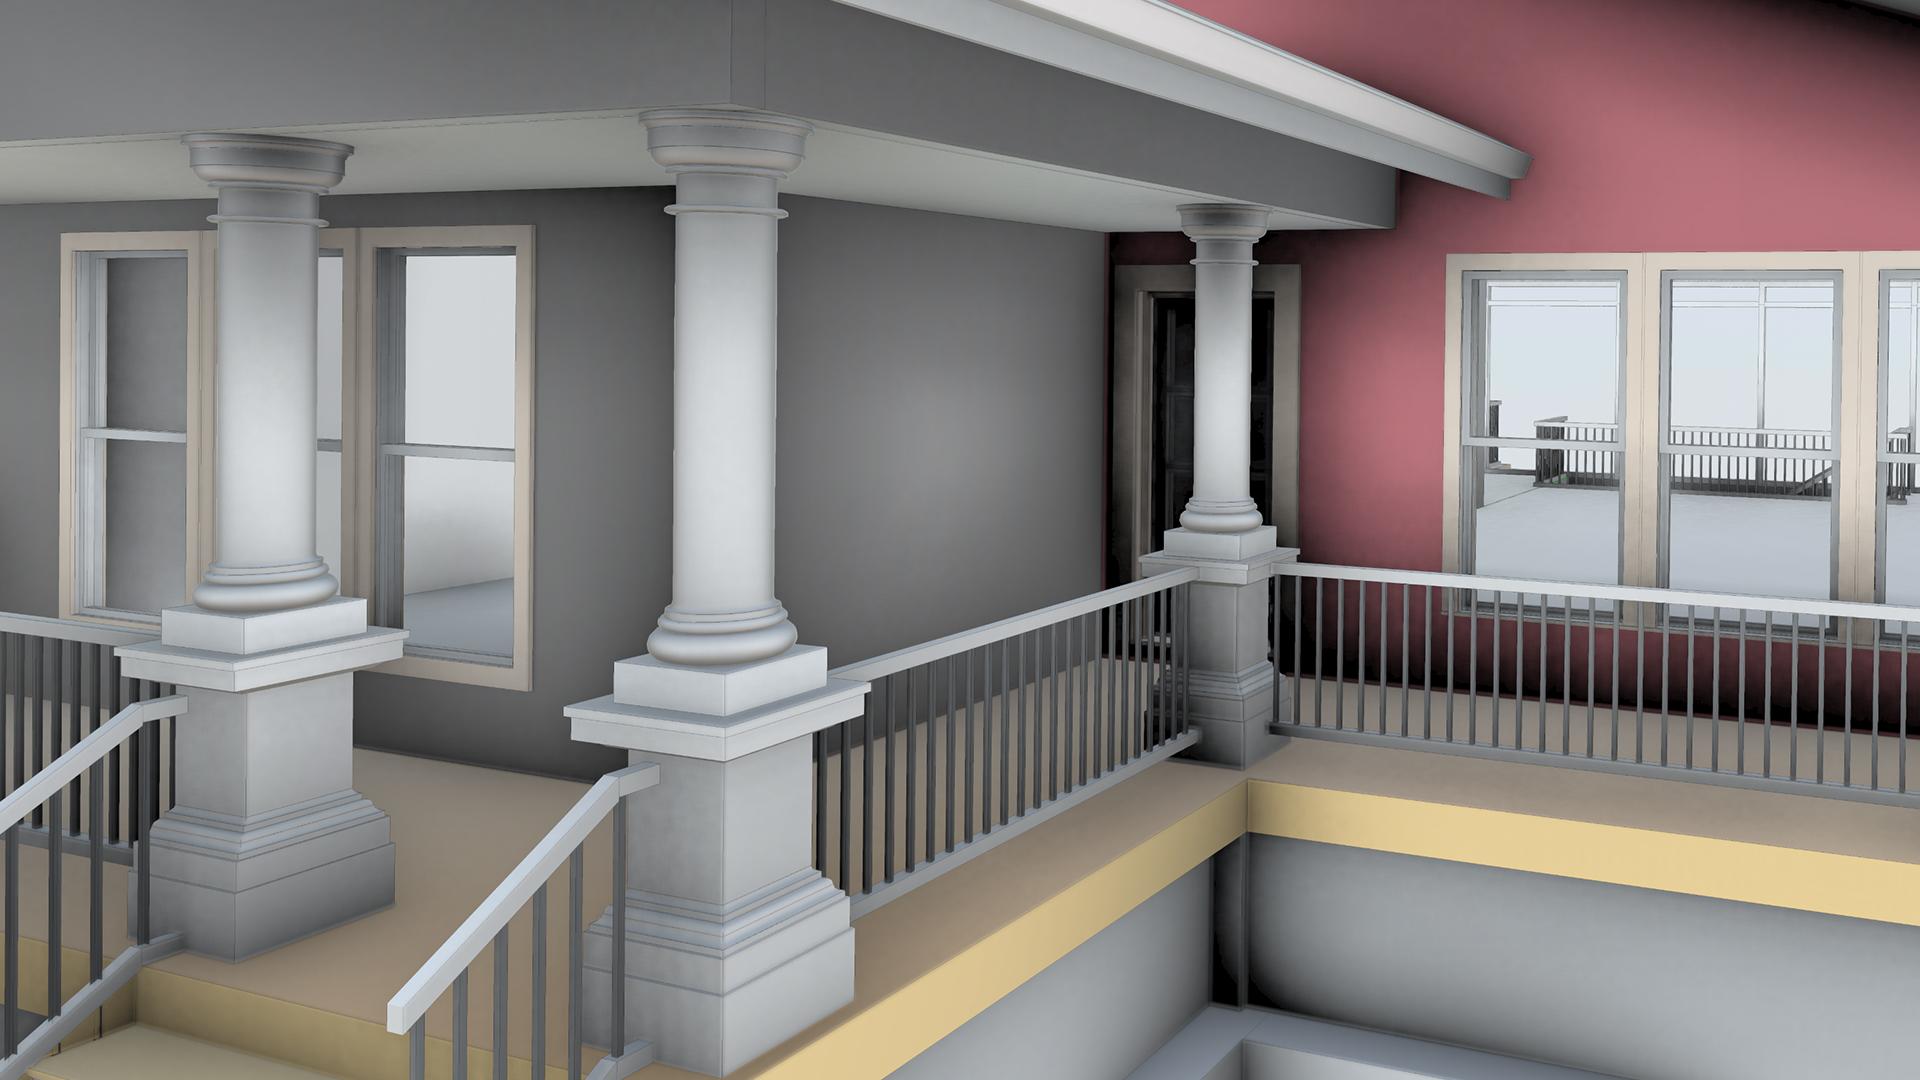 Revit Architecture: Designing a House